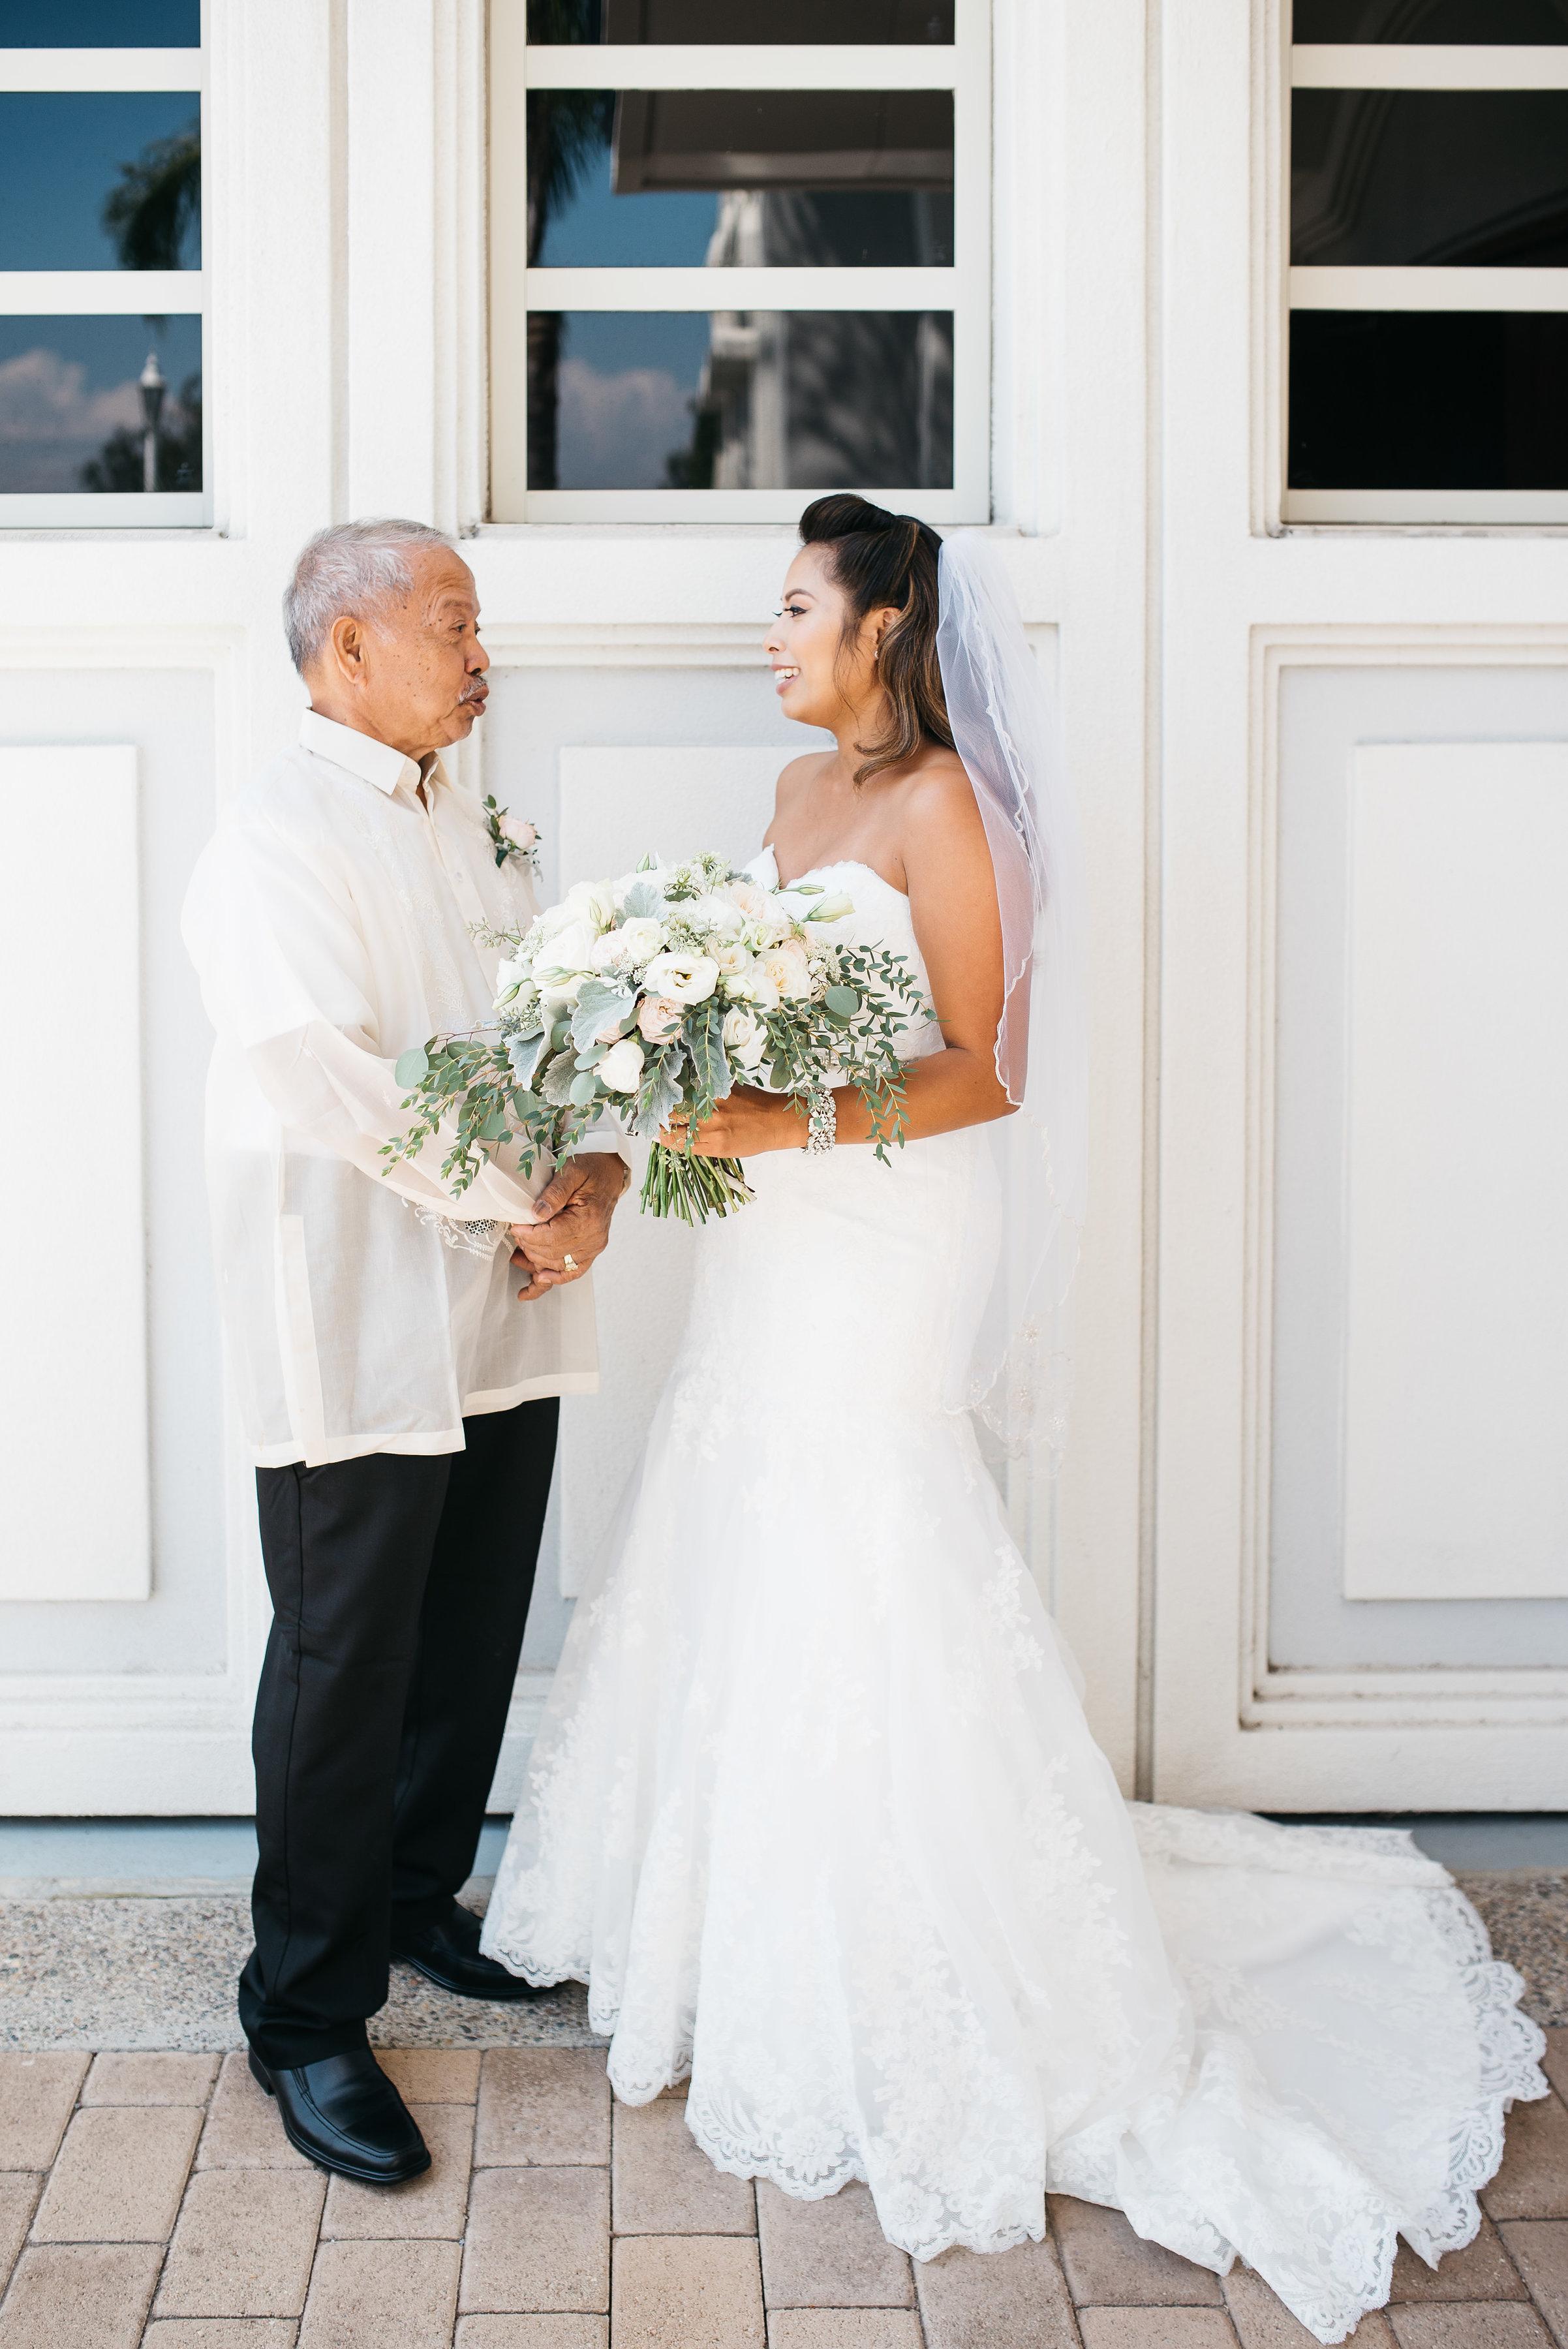 CBP-Trinidad-Wedding-2017-282.jpg